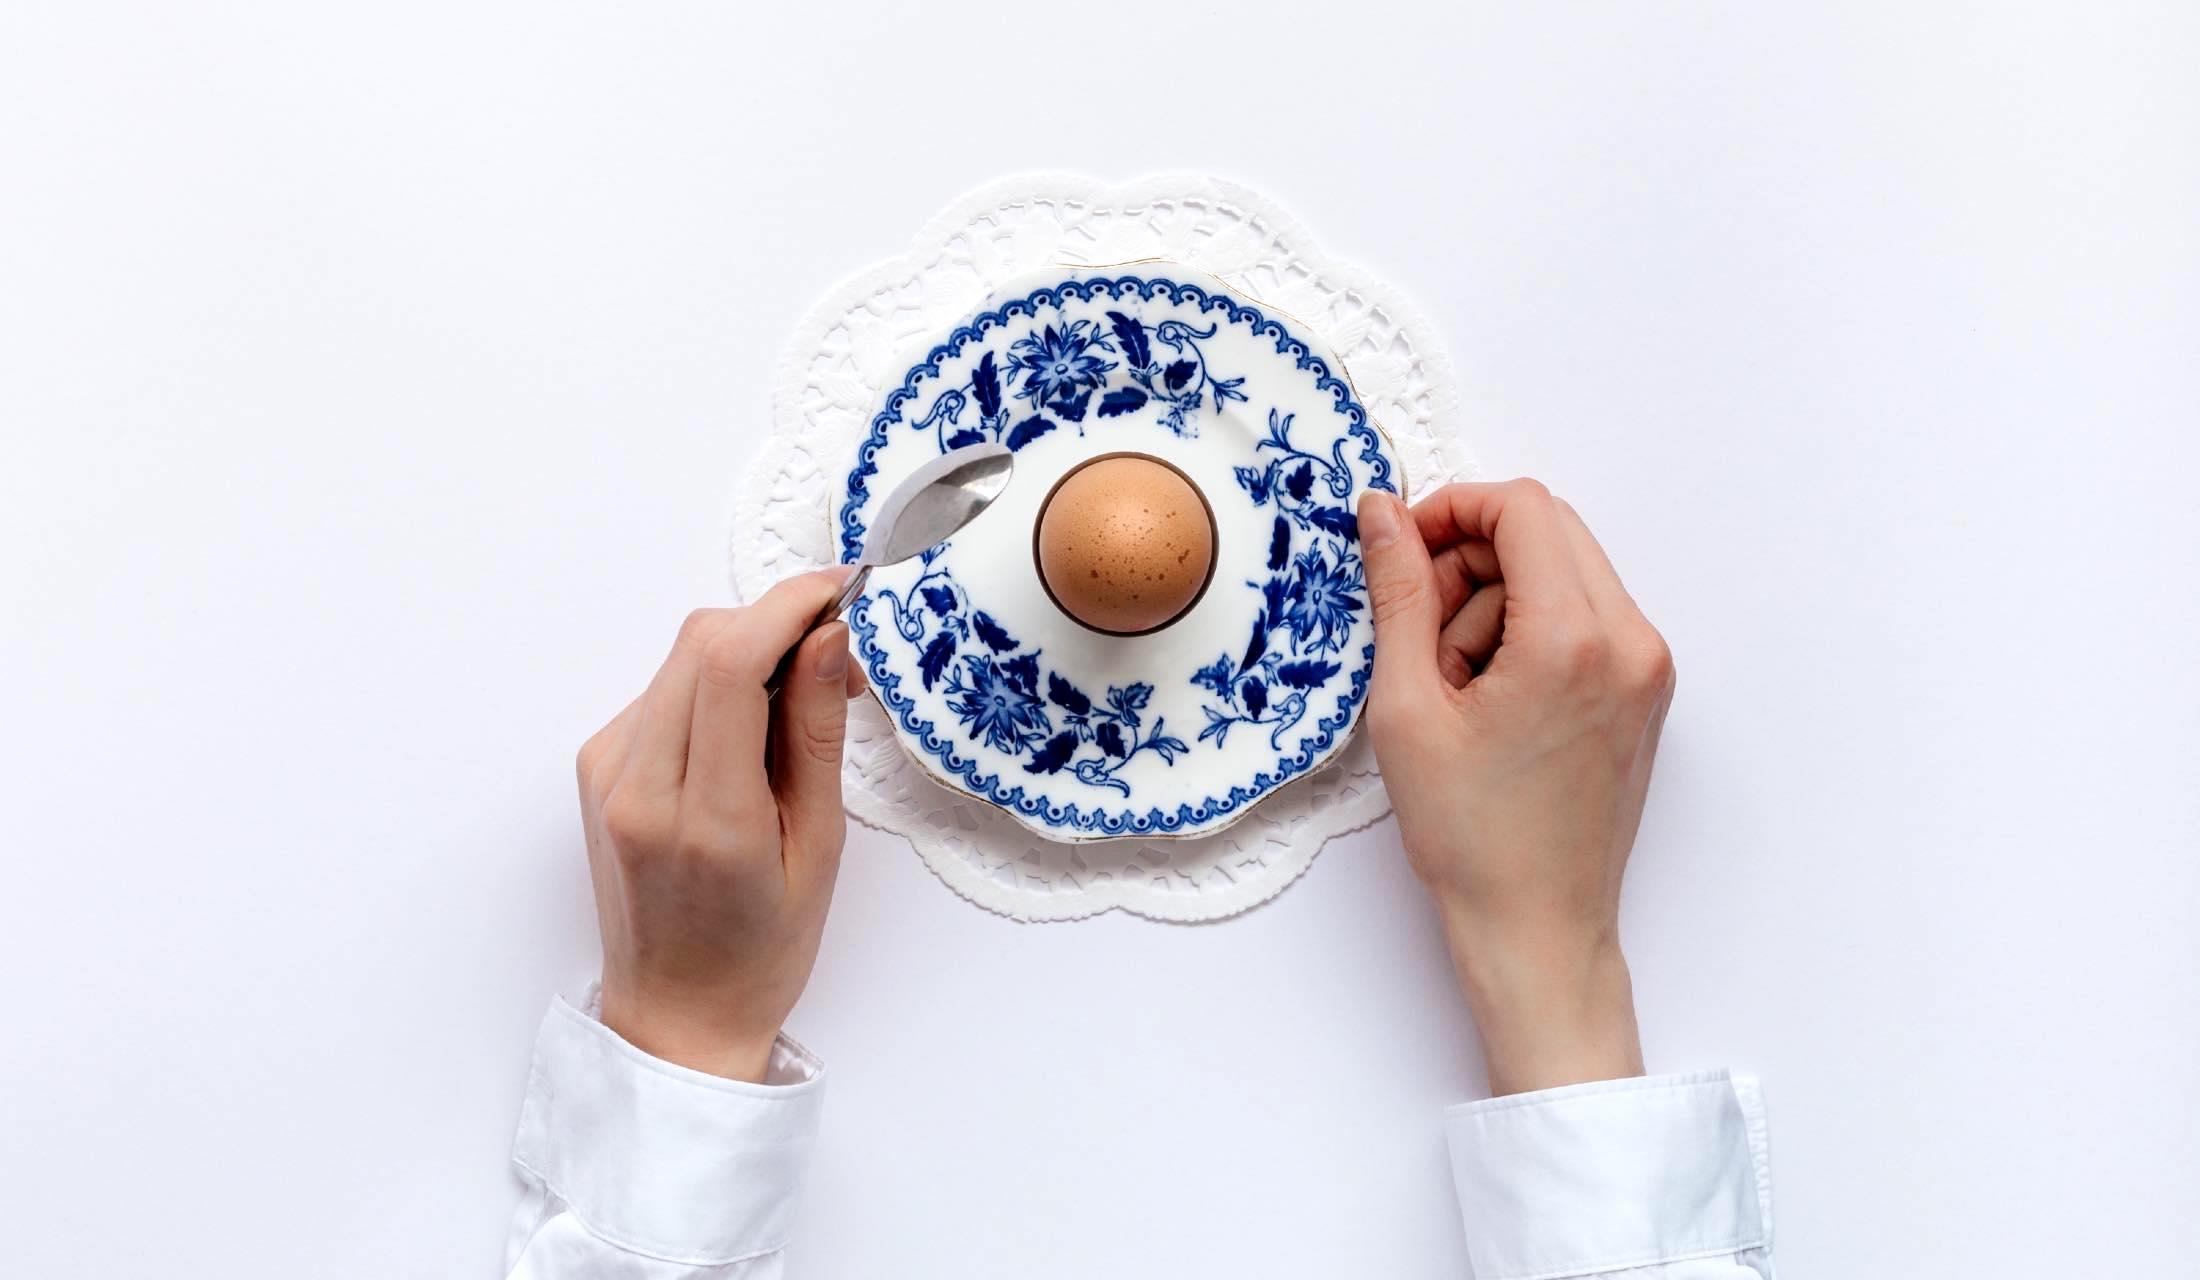 卵を食べようとしている人の手